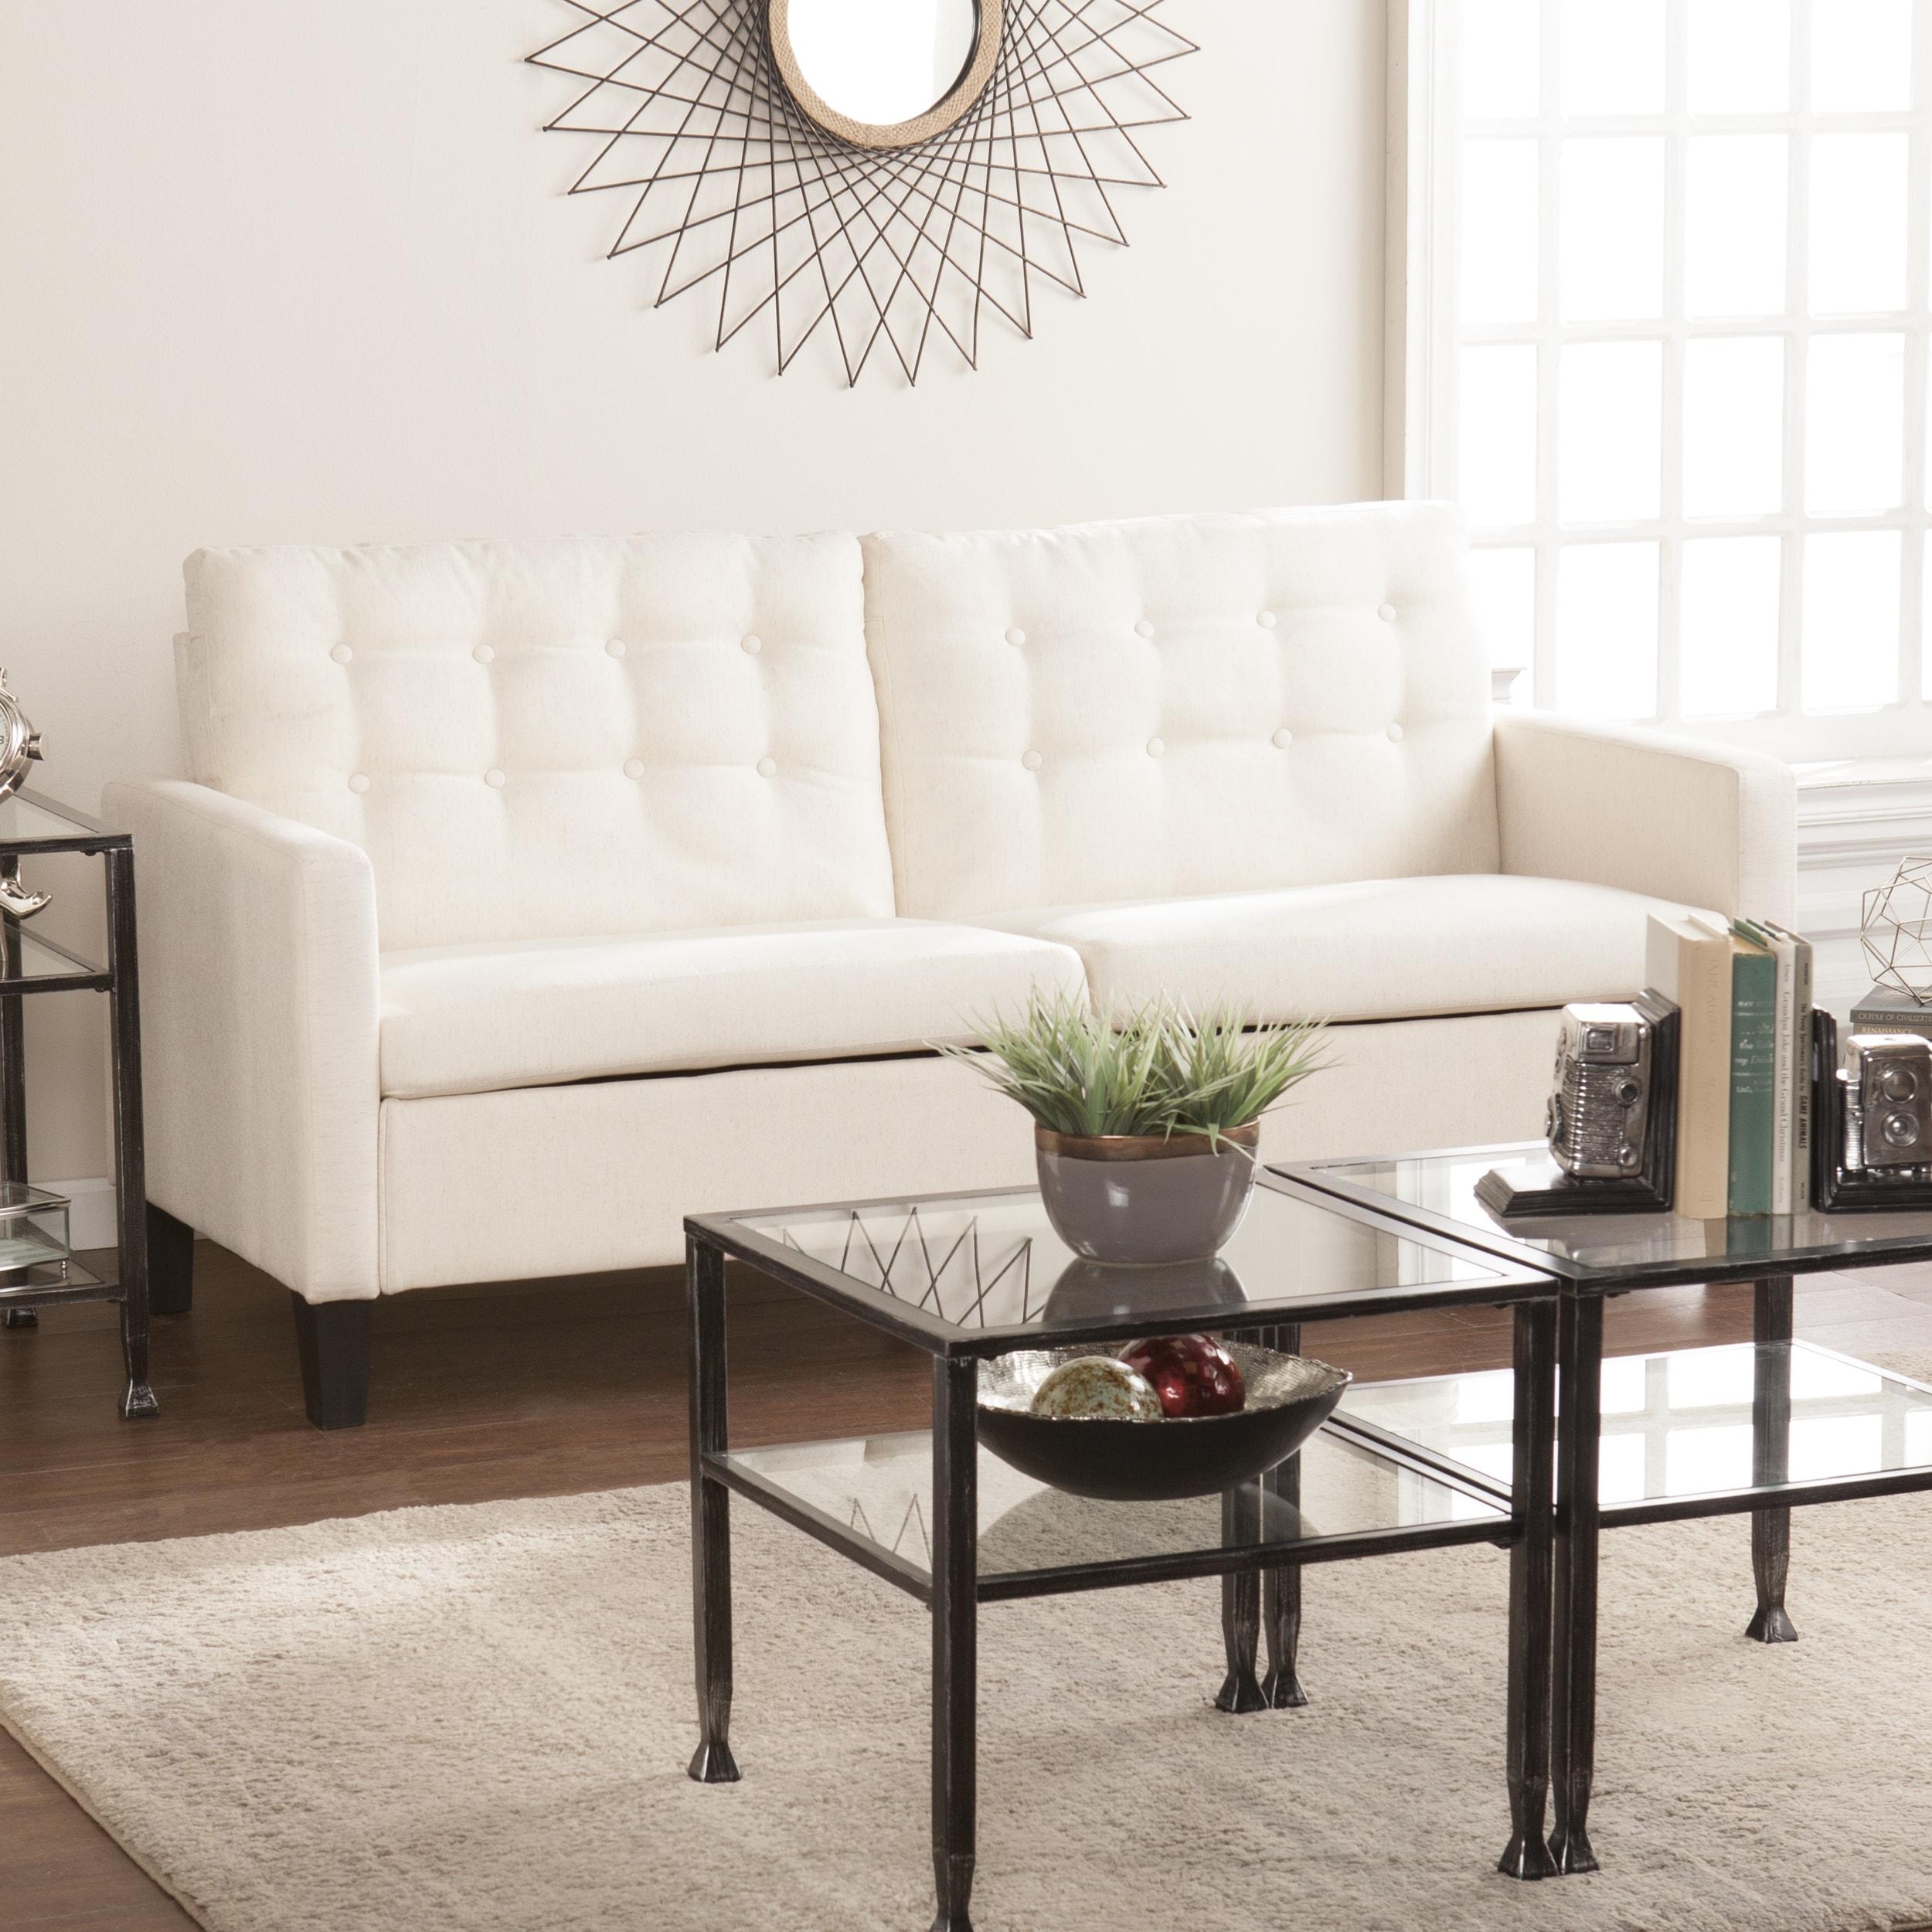 Harper Blvd Manchester Midcentury Modern Sofa - Oatmeal (...